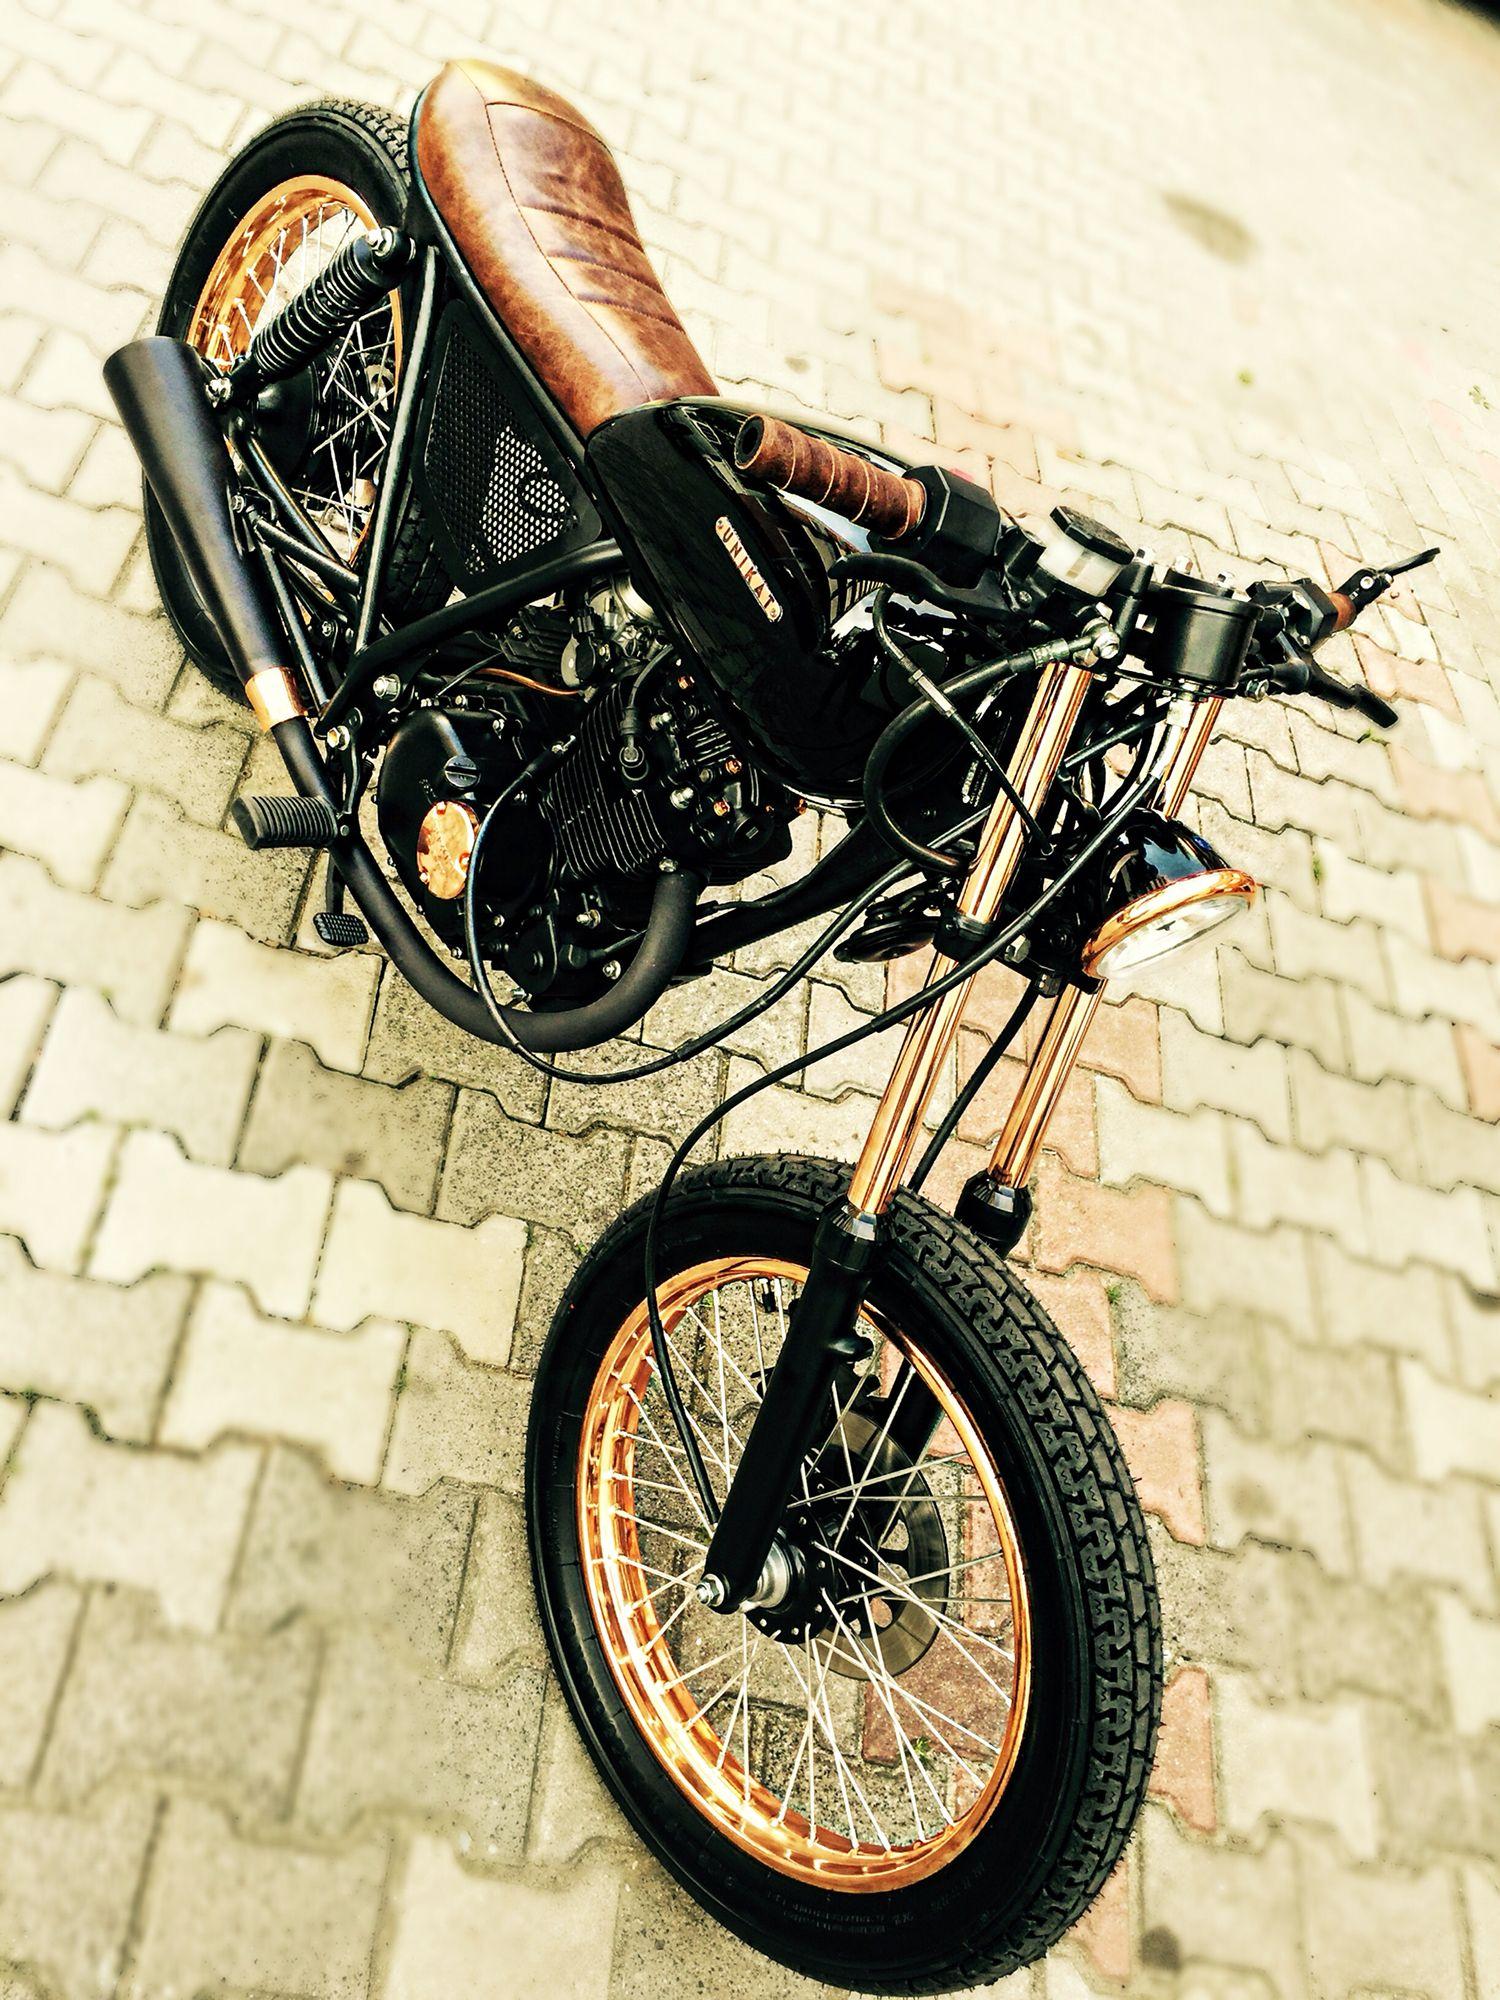 Pin de Marco en Cafe Racer   Pinterest   Motocicleta, Motos 125 y Café